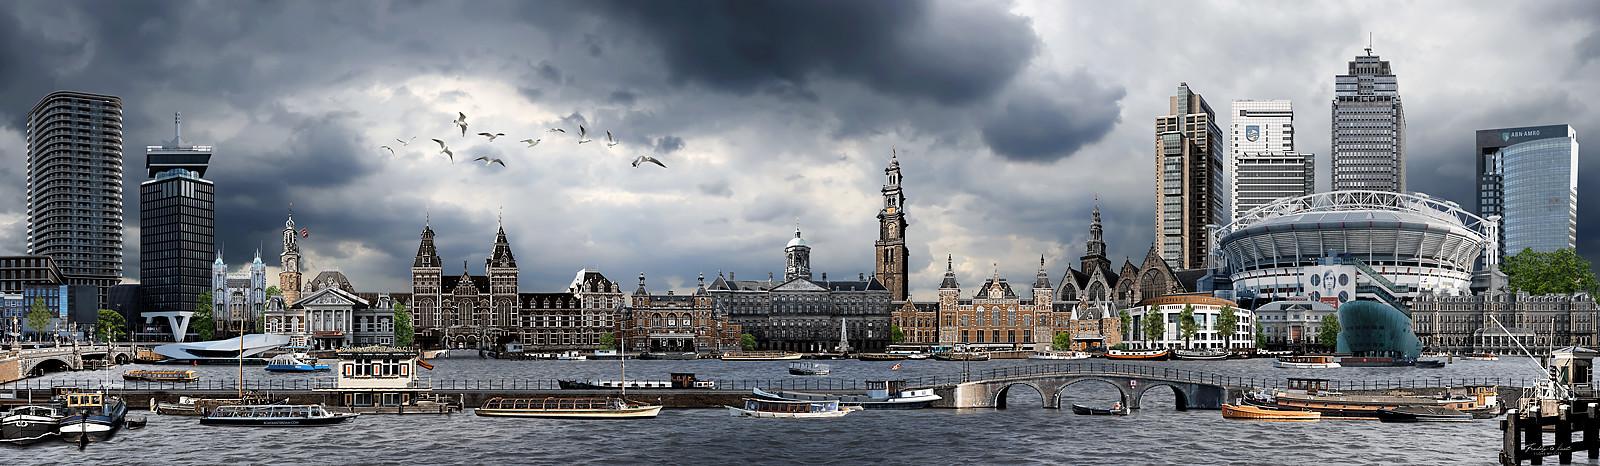 Skyline Amsterdam realistisch